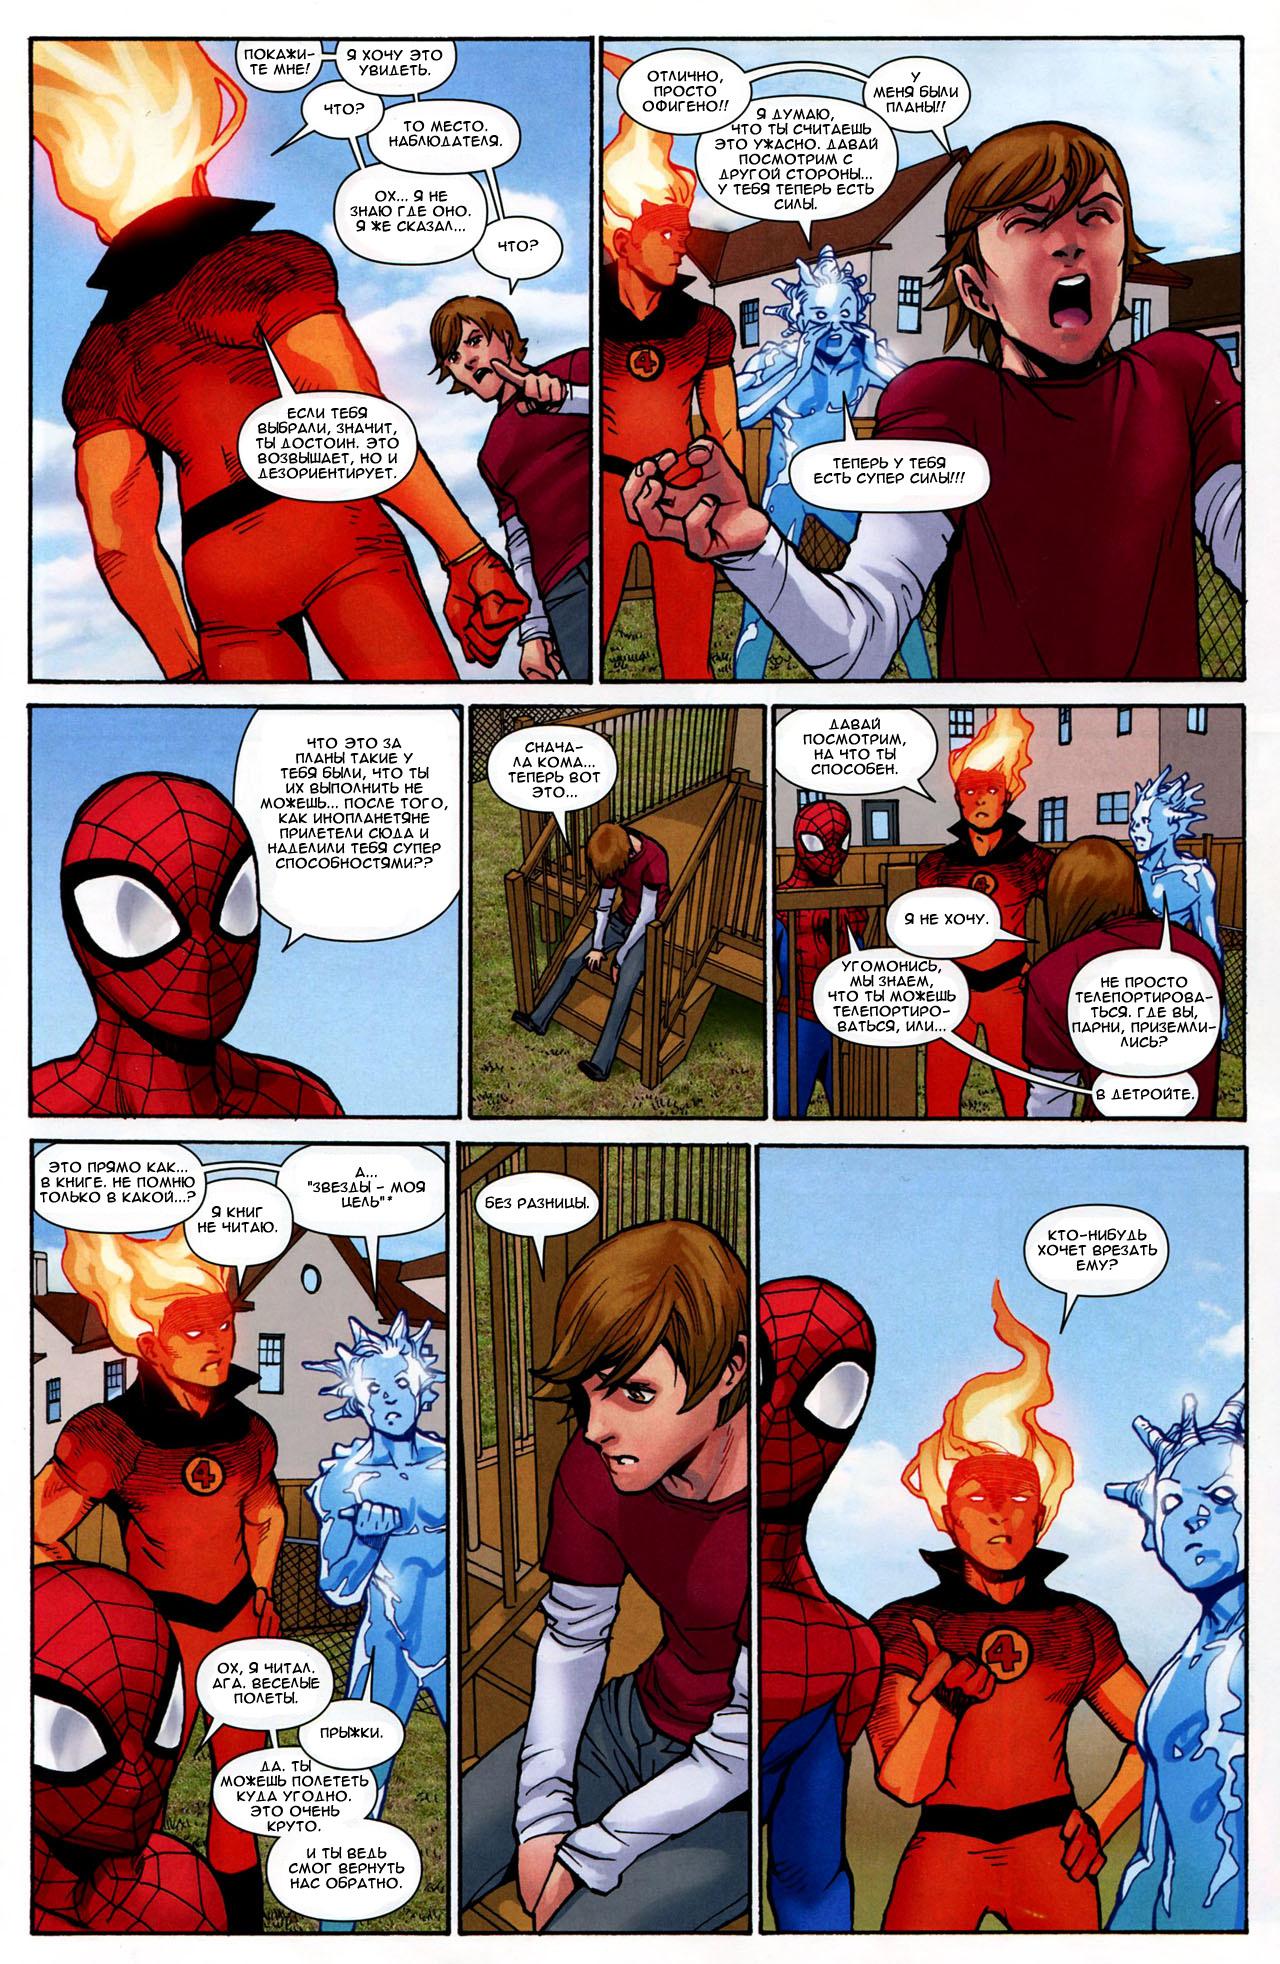 Паук 8 страница №5 ultimate comics spider man